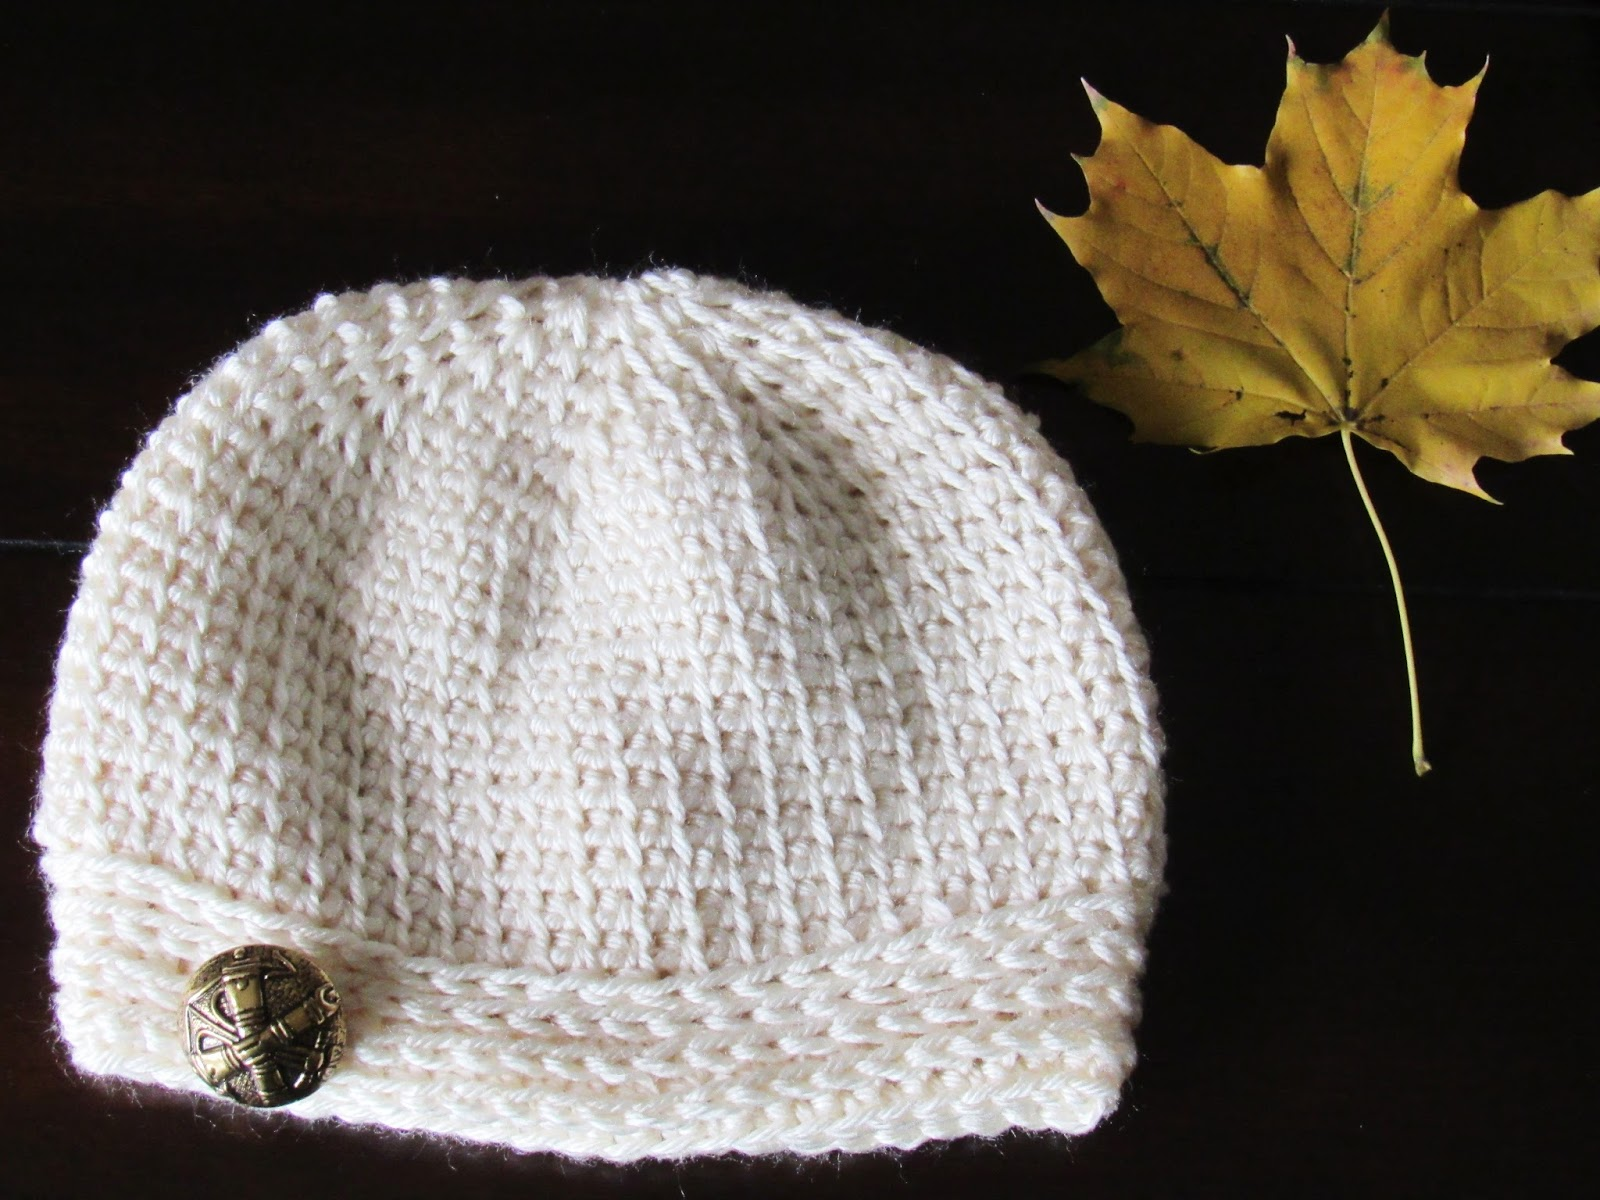 Faux Knit Beanie Crochet Pattern, 0-3 Months to Woman | Crochet ...